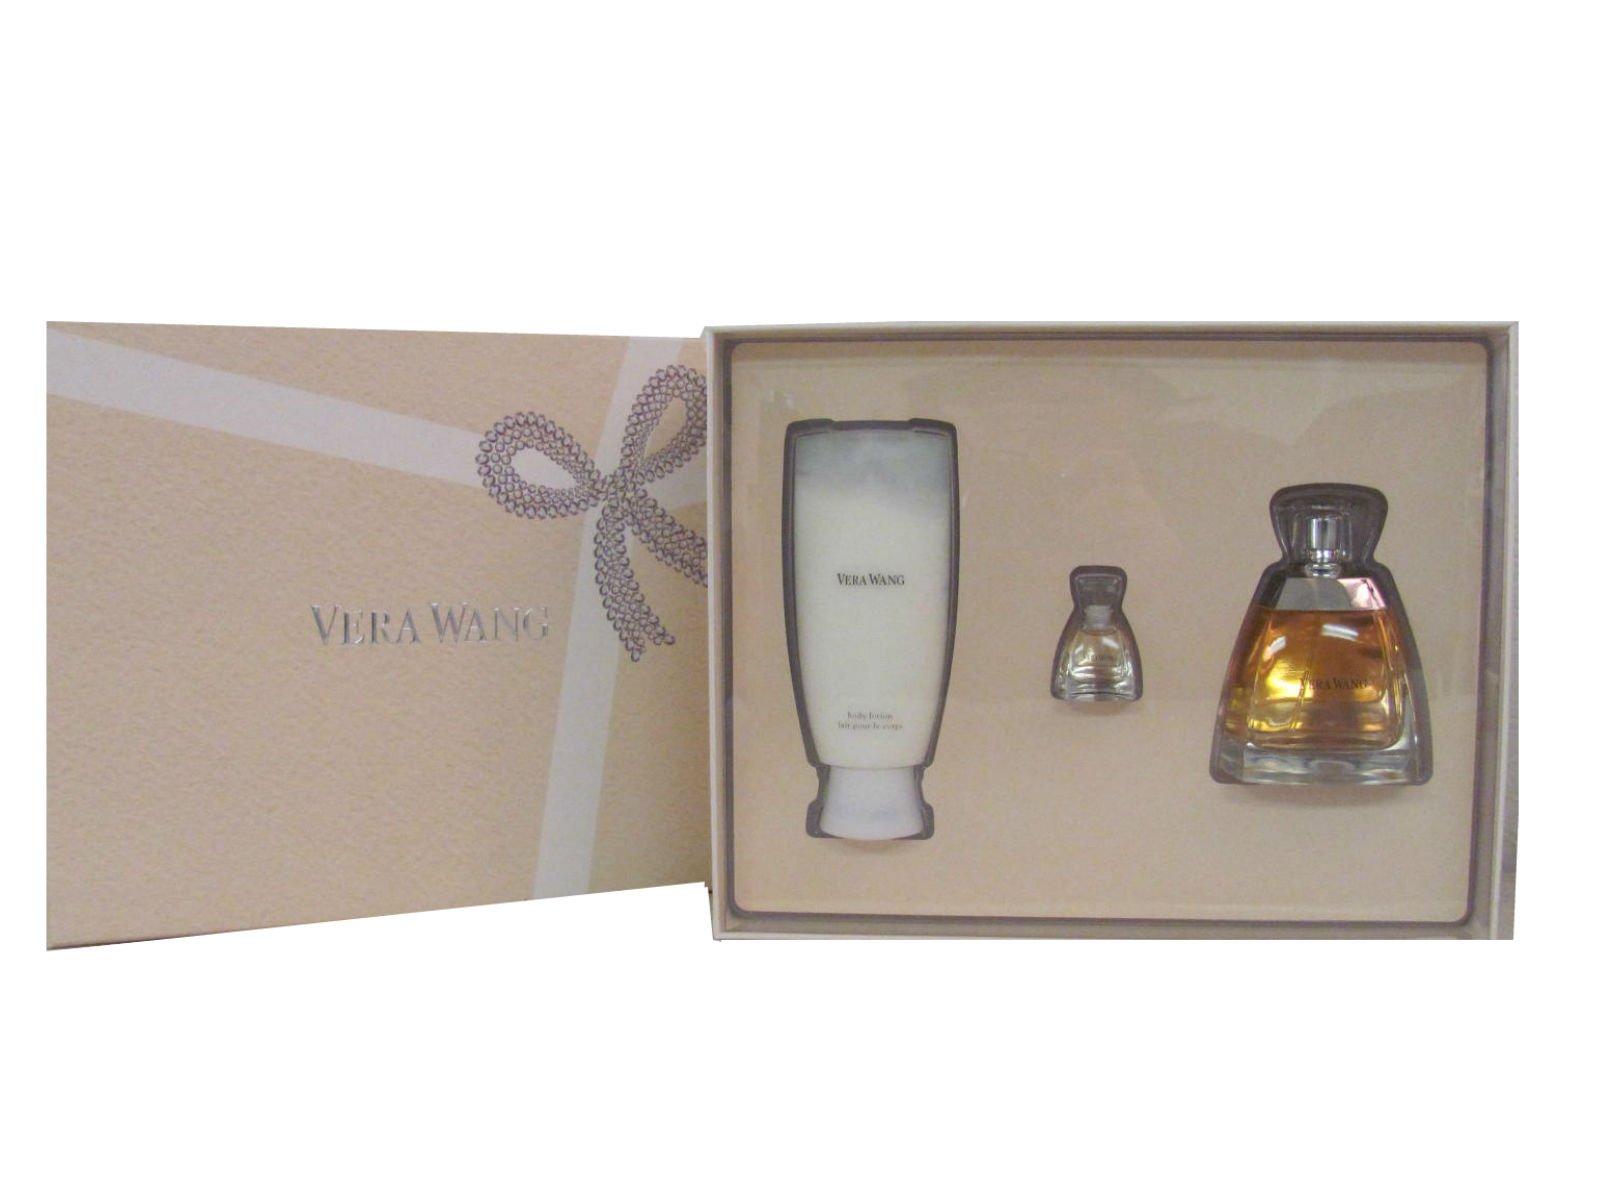 Vera Wang By Vera Wang Gift Set for Women: 3.4 Oz Eau De Parfum Spray + 3.4 Oz Body Lotion + 4ml Eau De Parfum